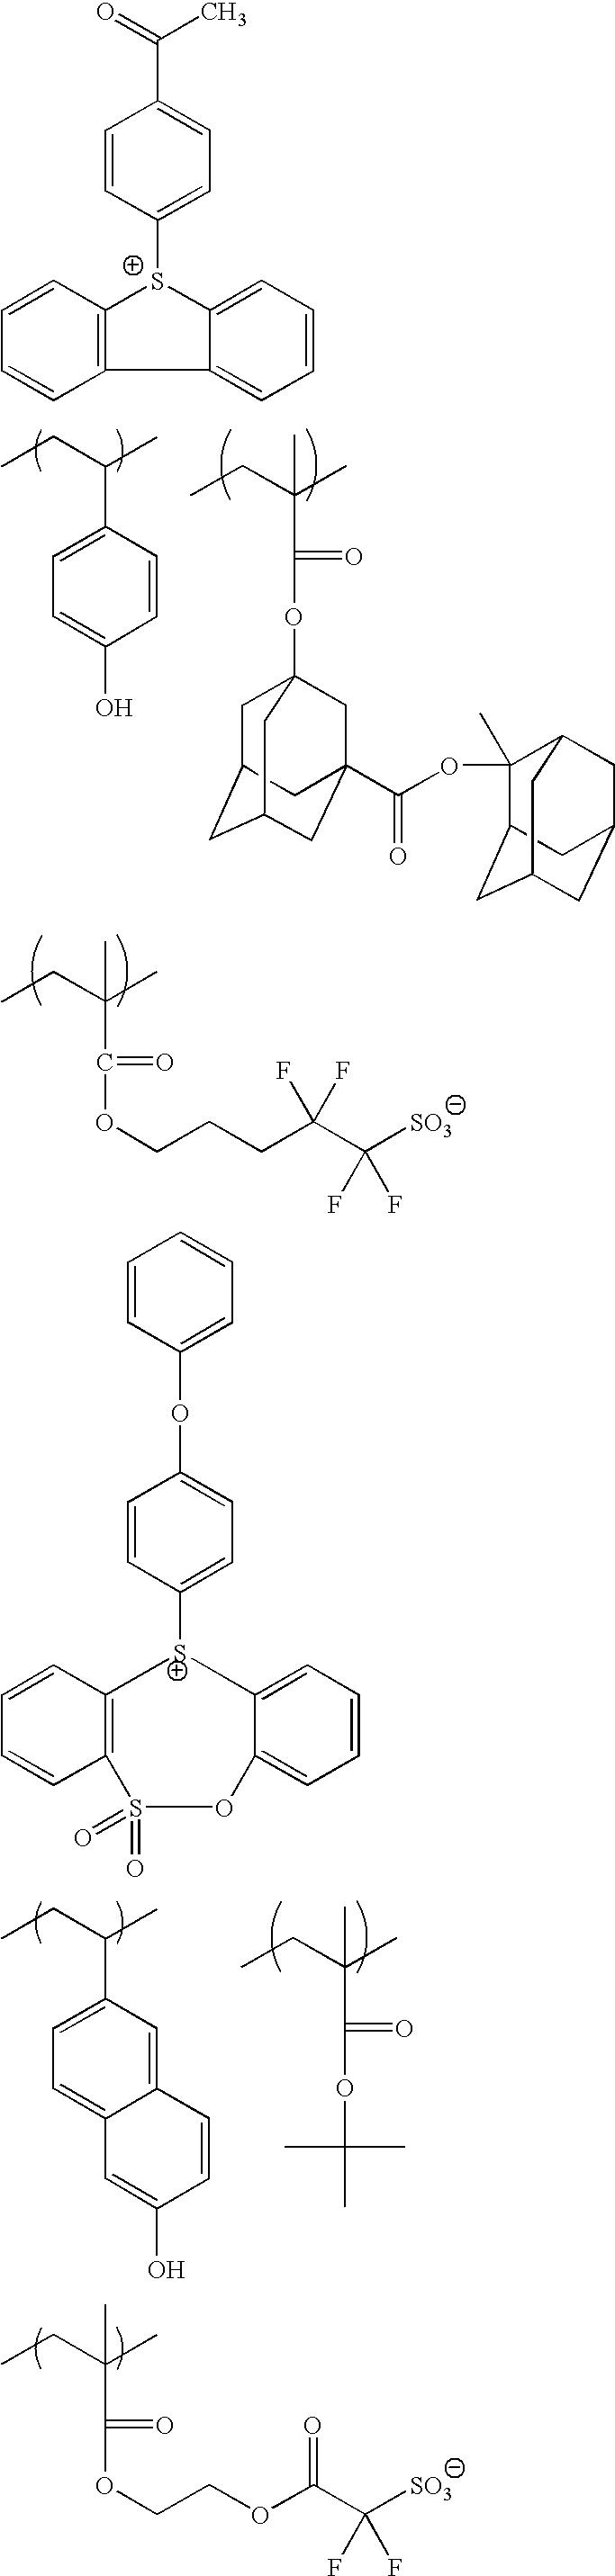 Figure US08852845-20141007-C00199